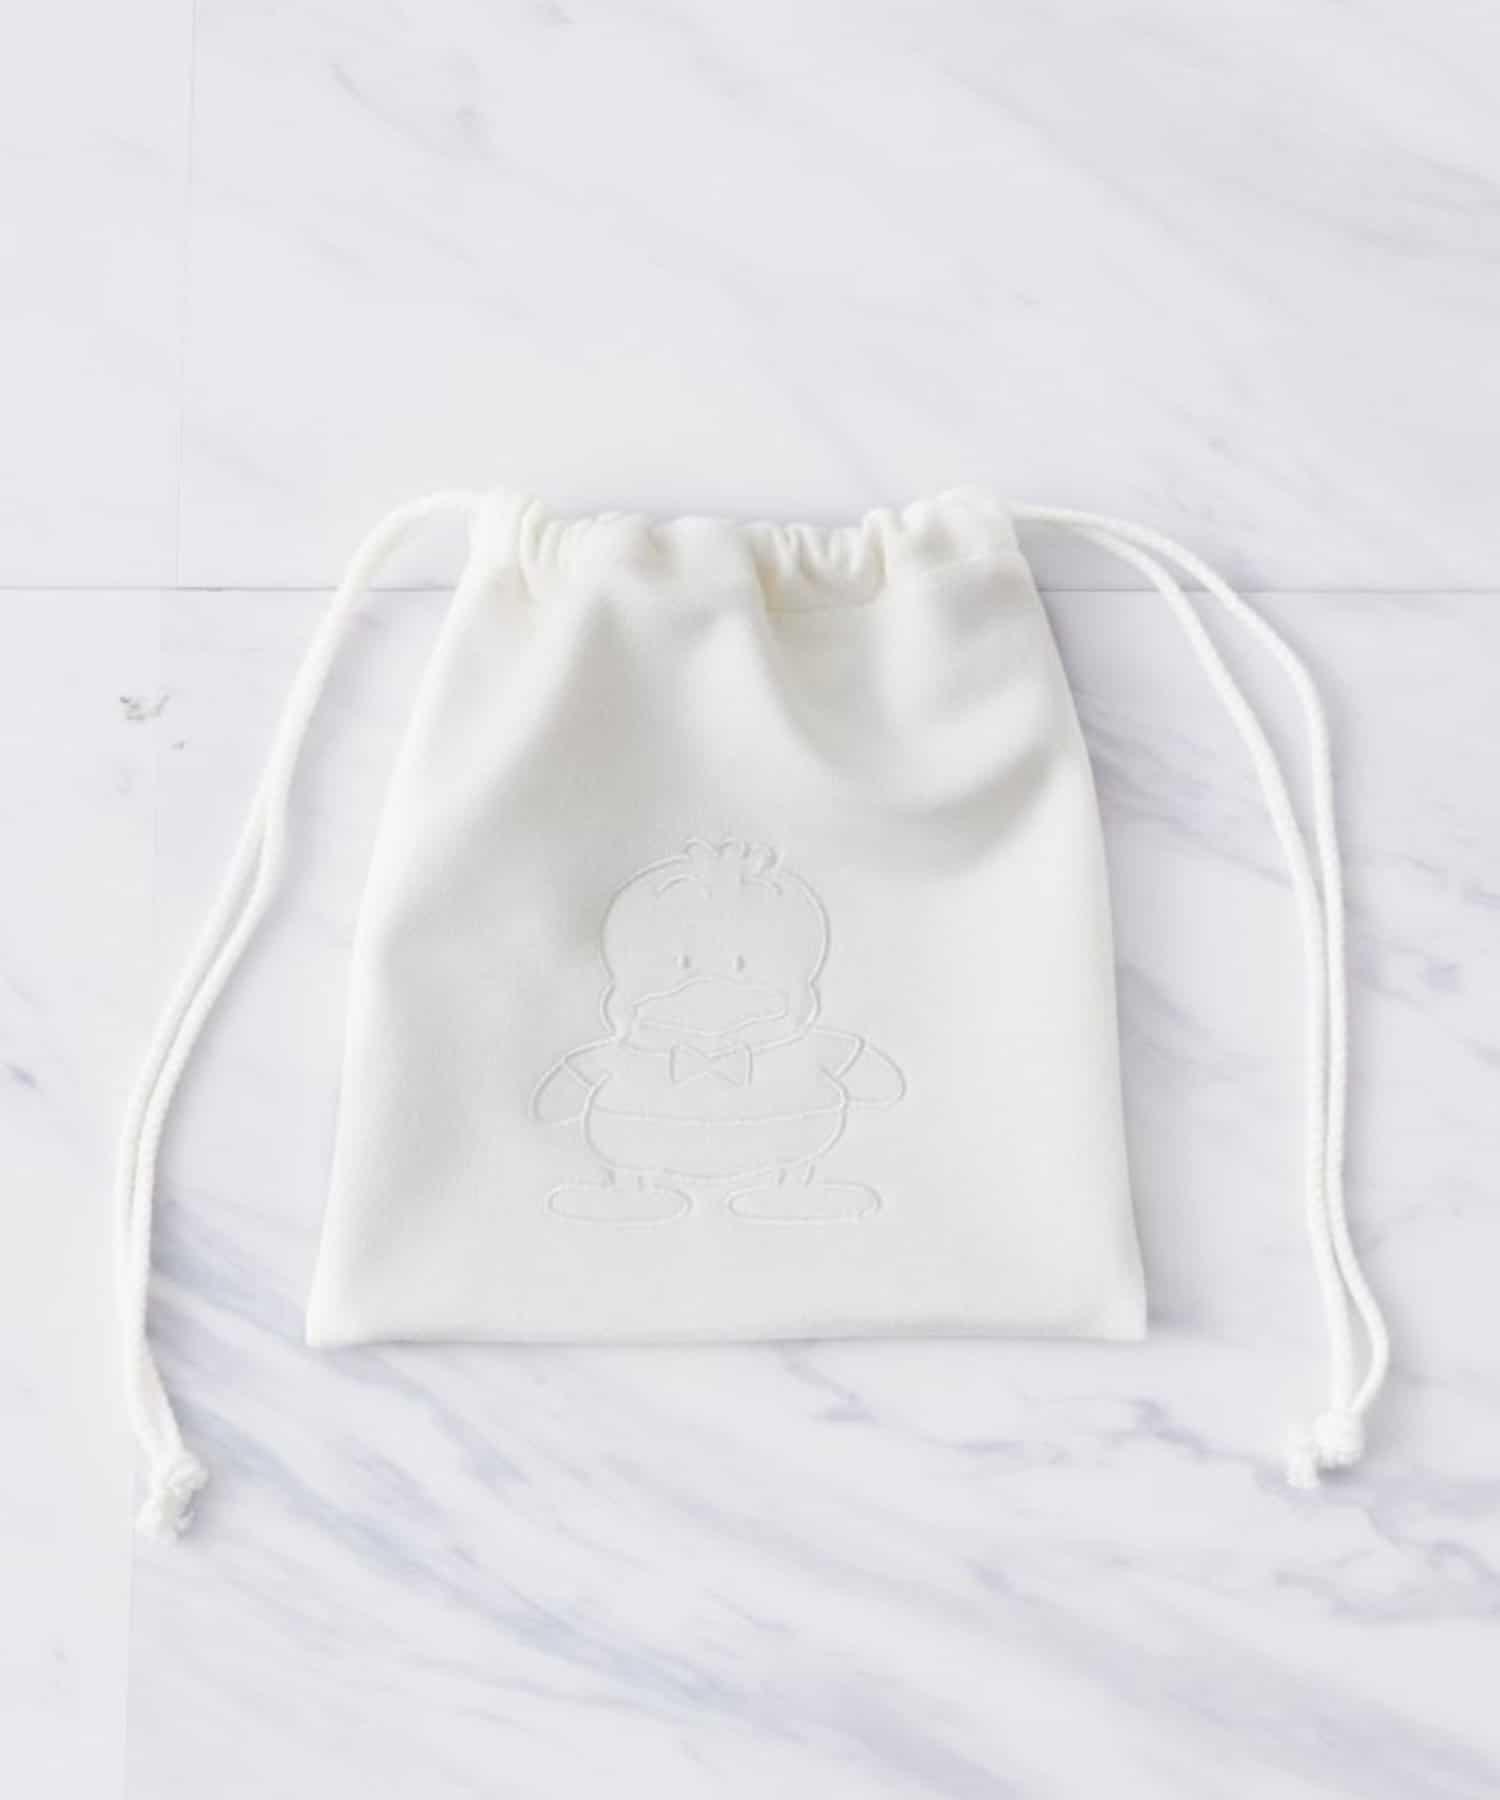 OLIVE des OLIVE OUTLET(オリーブ・デ・オリーブ アウトレット) はぴだんぶい 刺繍巾着